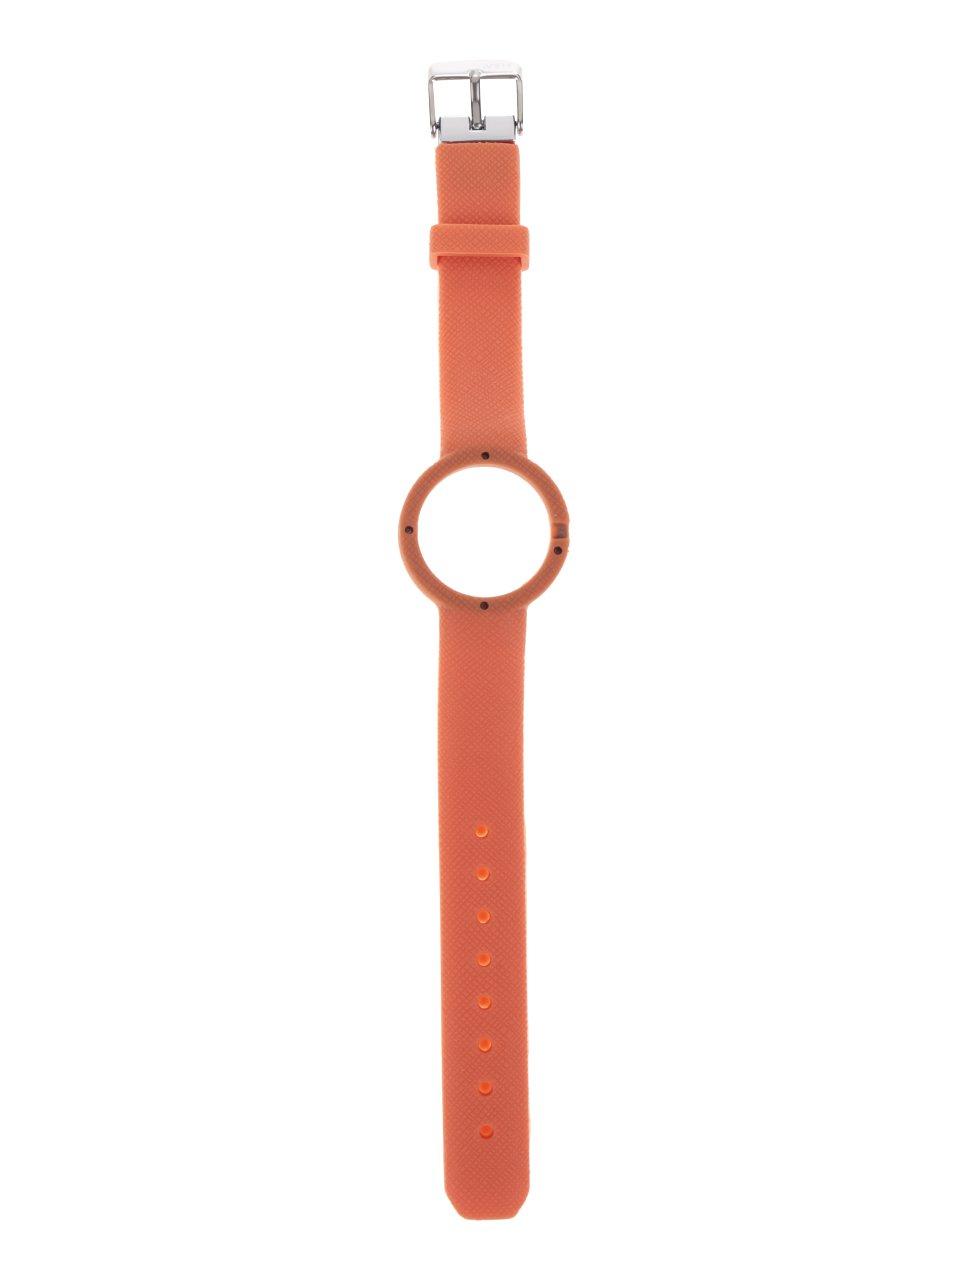 Oranžový gumový pásek k hodinkám Ju'sto Salmone 32 mm